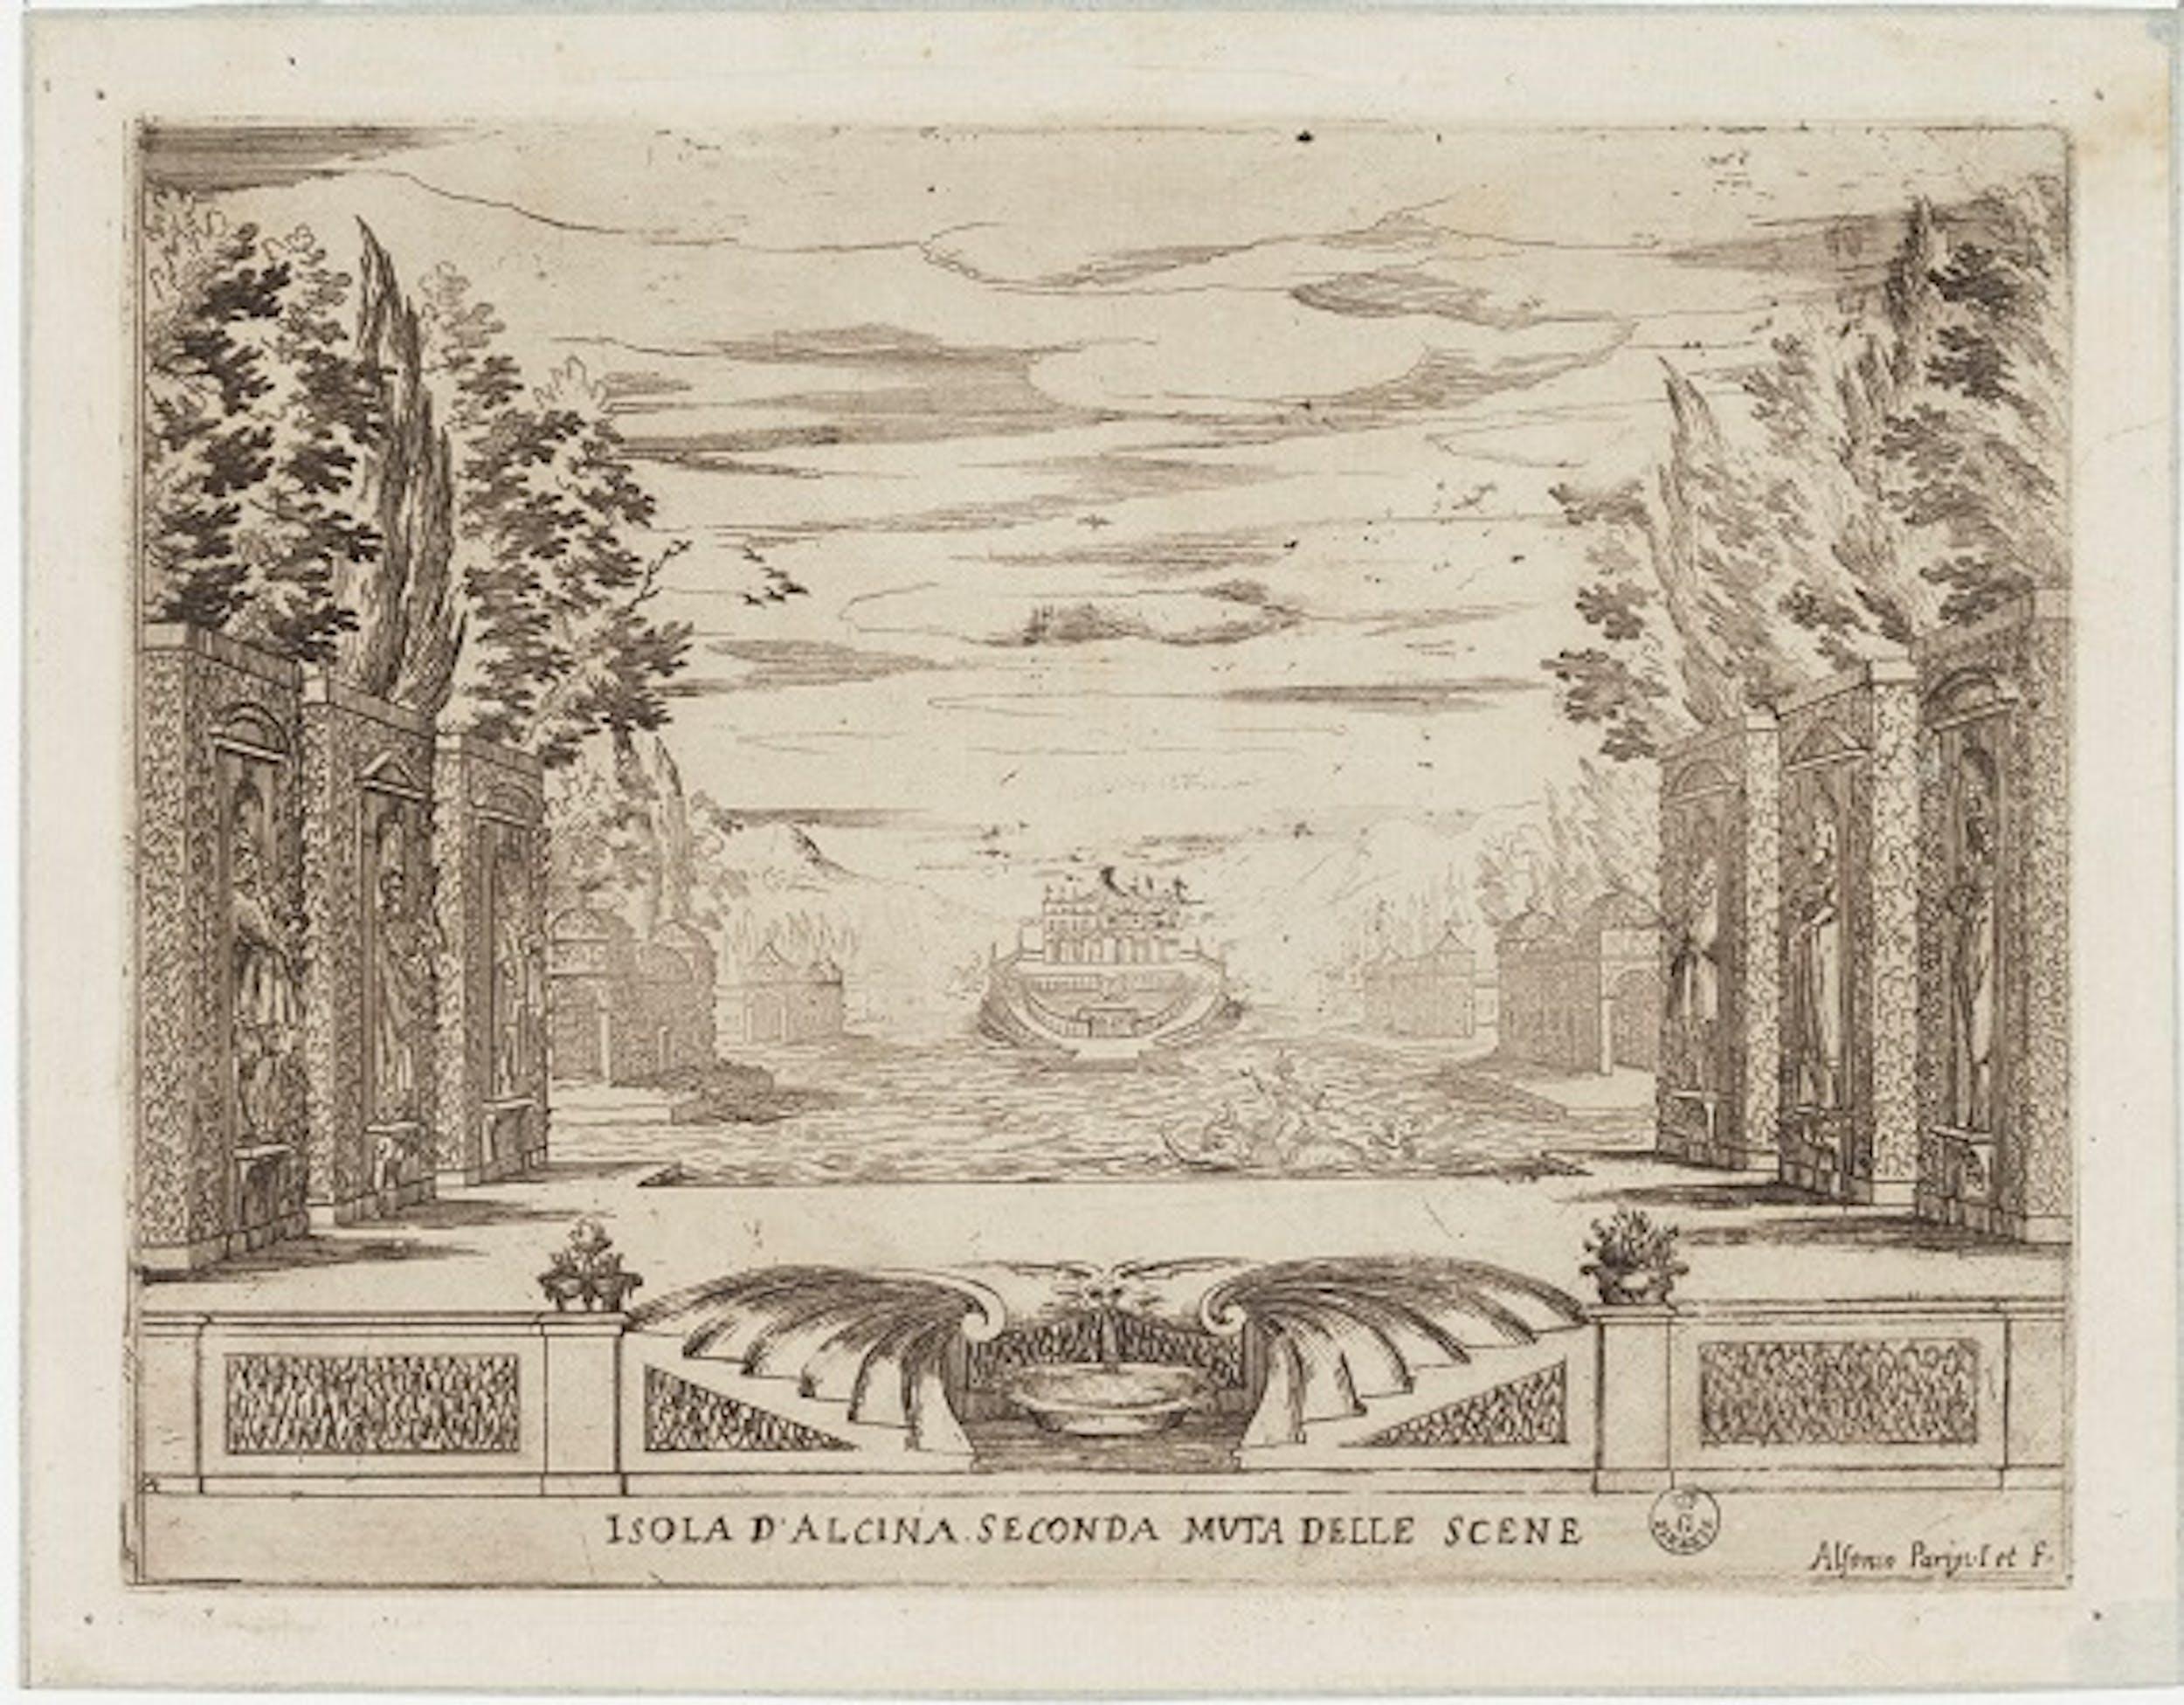 Alfonso Parigi (Firenze 1606-1656),La Liberazione di Ruggiero dall'isola di Alcina. Isola d'Alcina. Seconda muta delle scene, 1625, GDS Uffizi